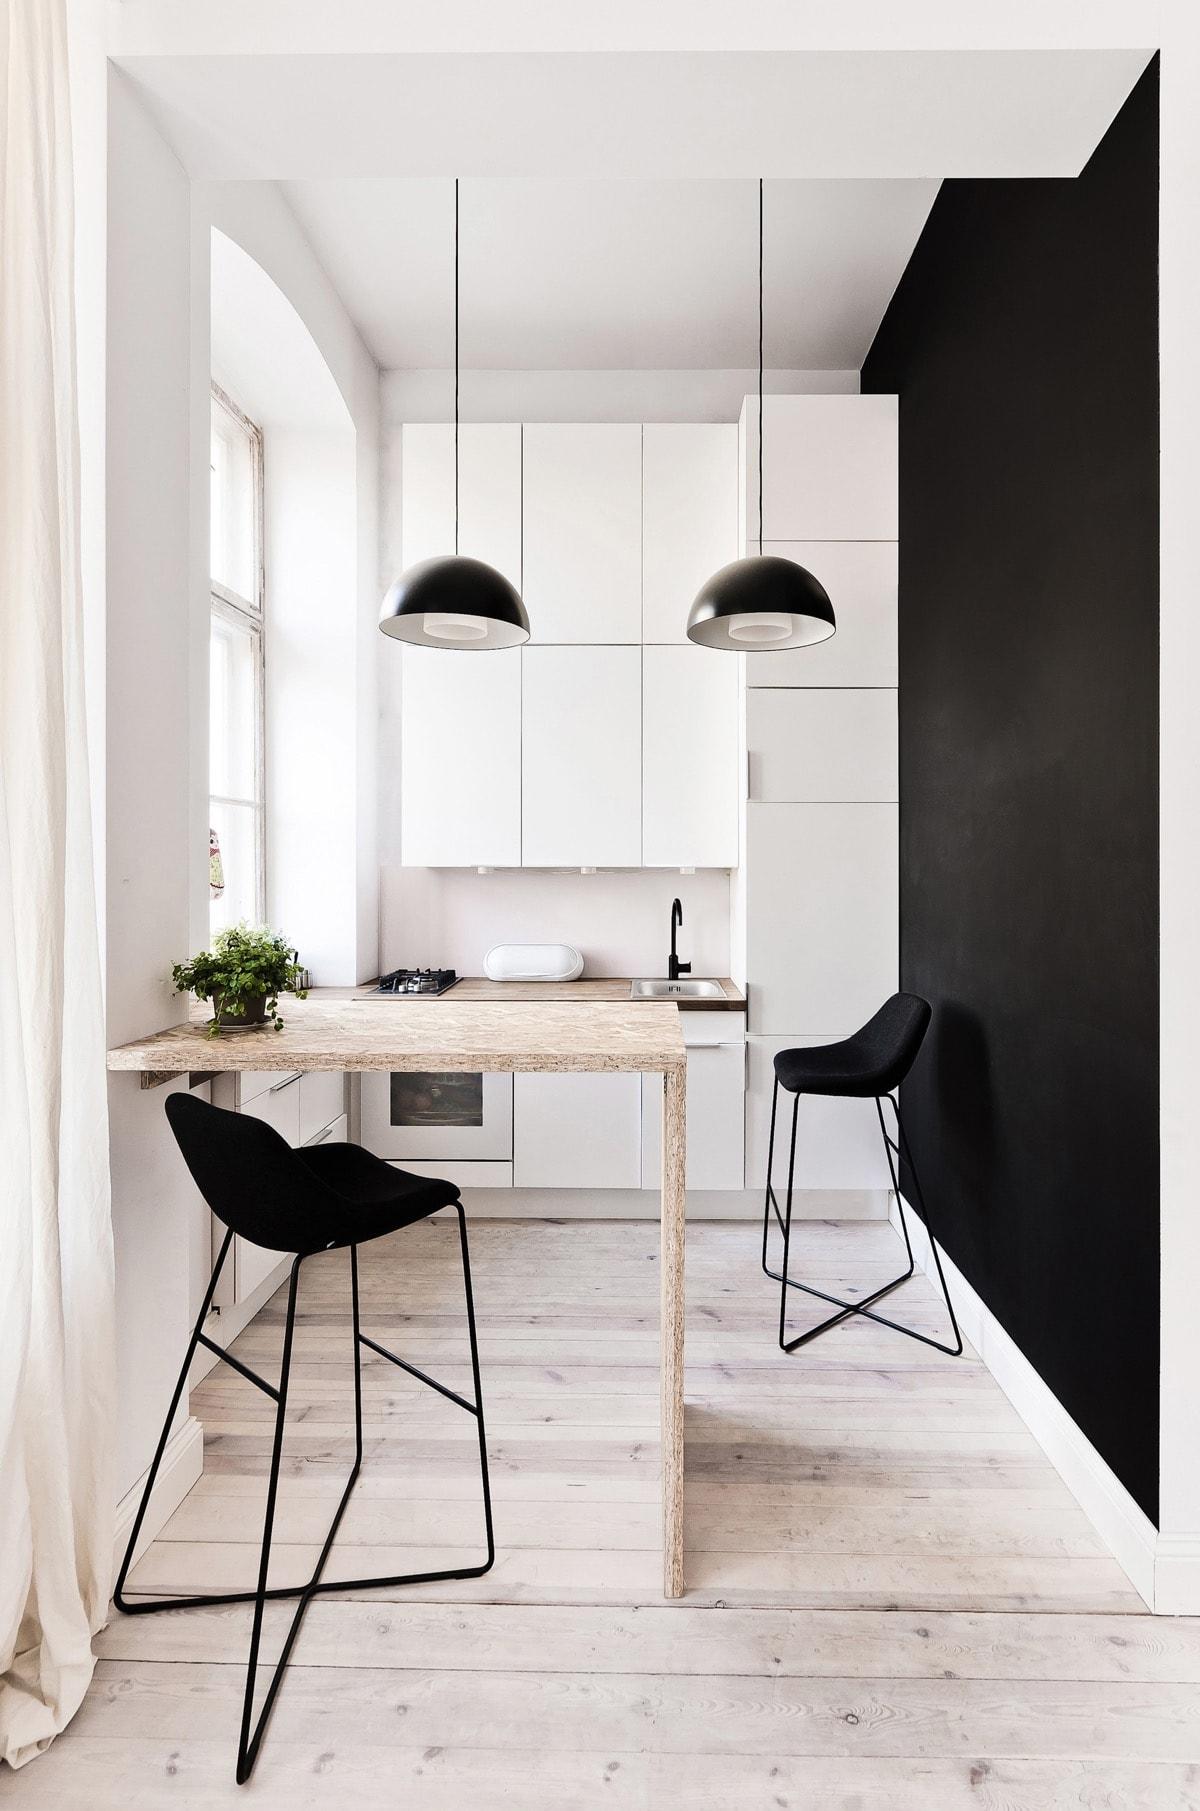 sử dụng tường đen với nội thất màu trắng